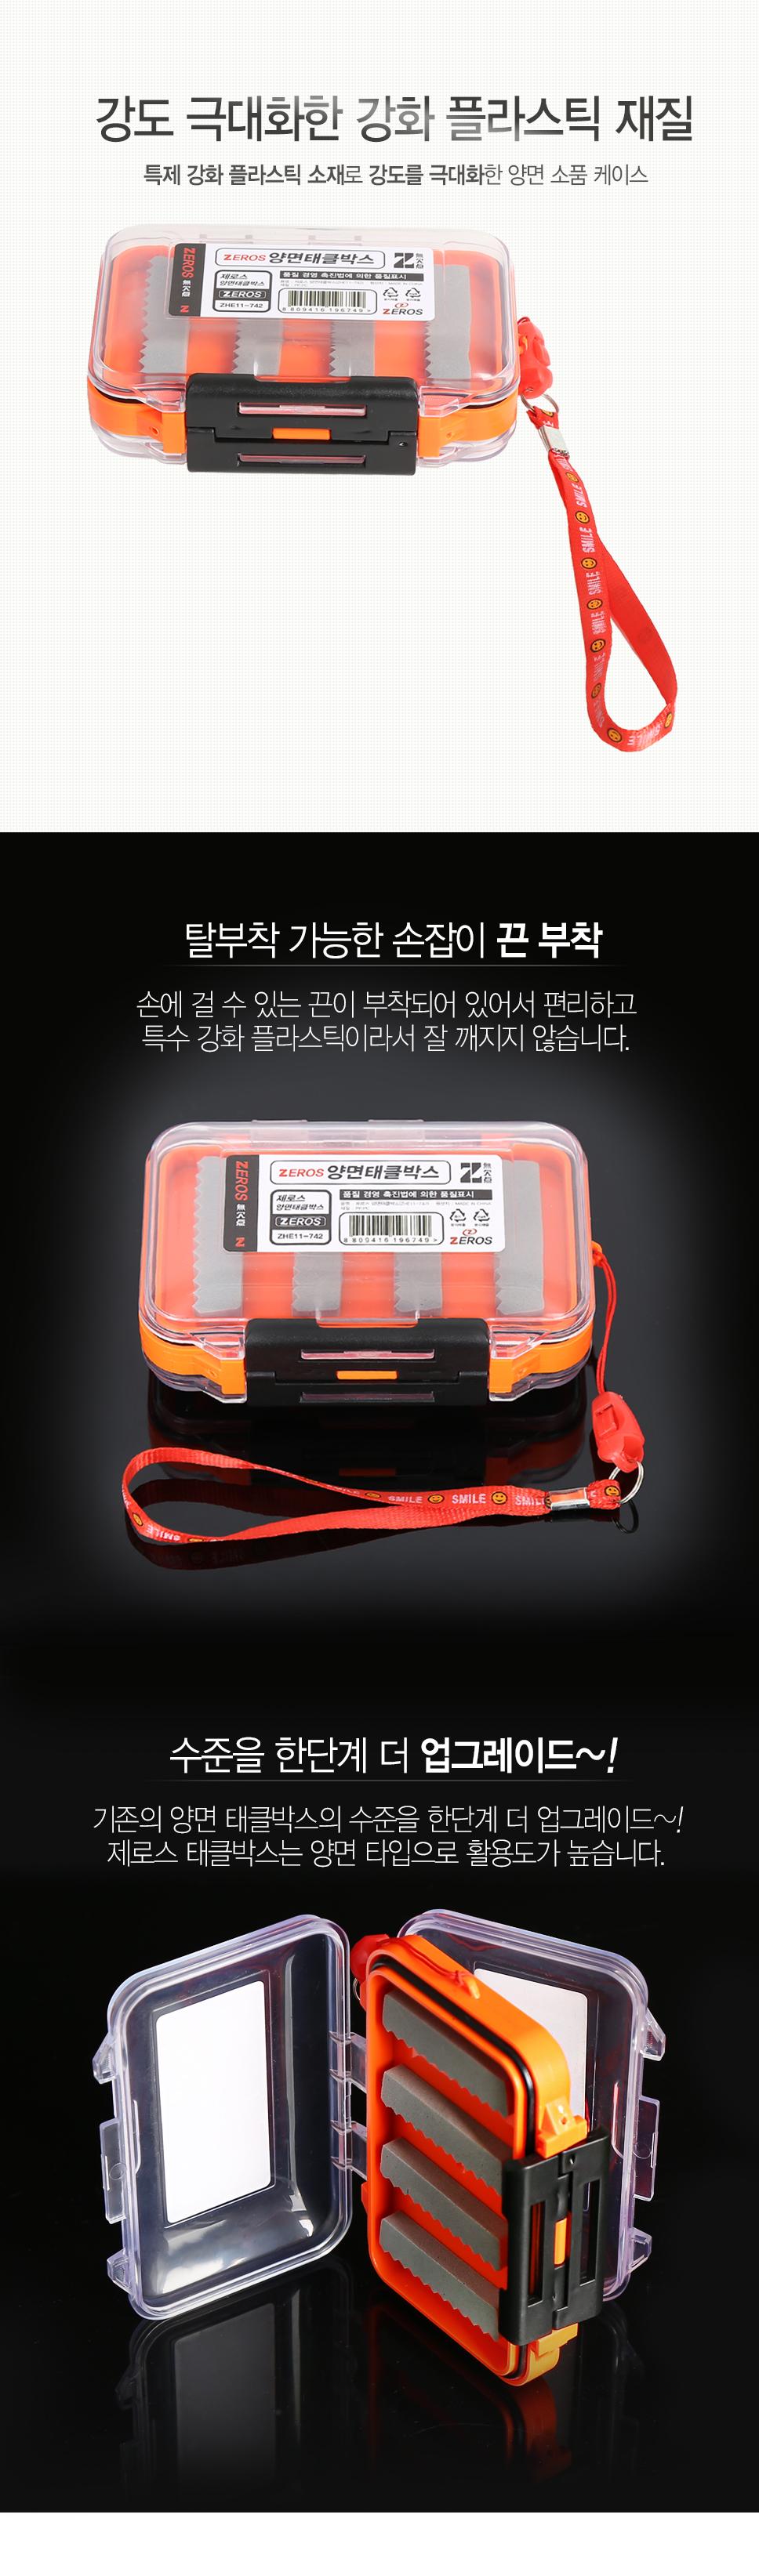 제로스 양면 태클박스 ZHE11-742 소품케이스